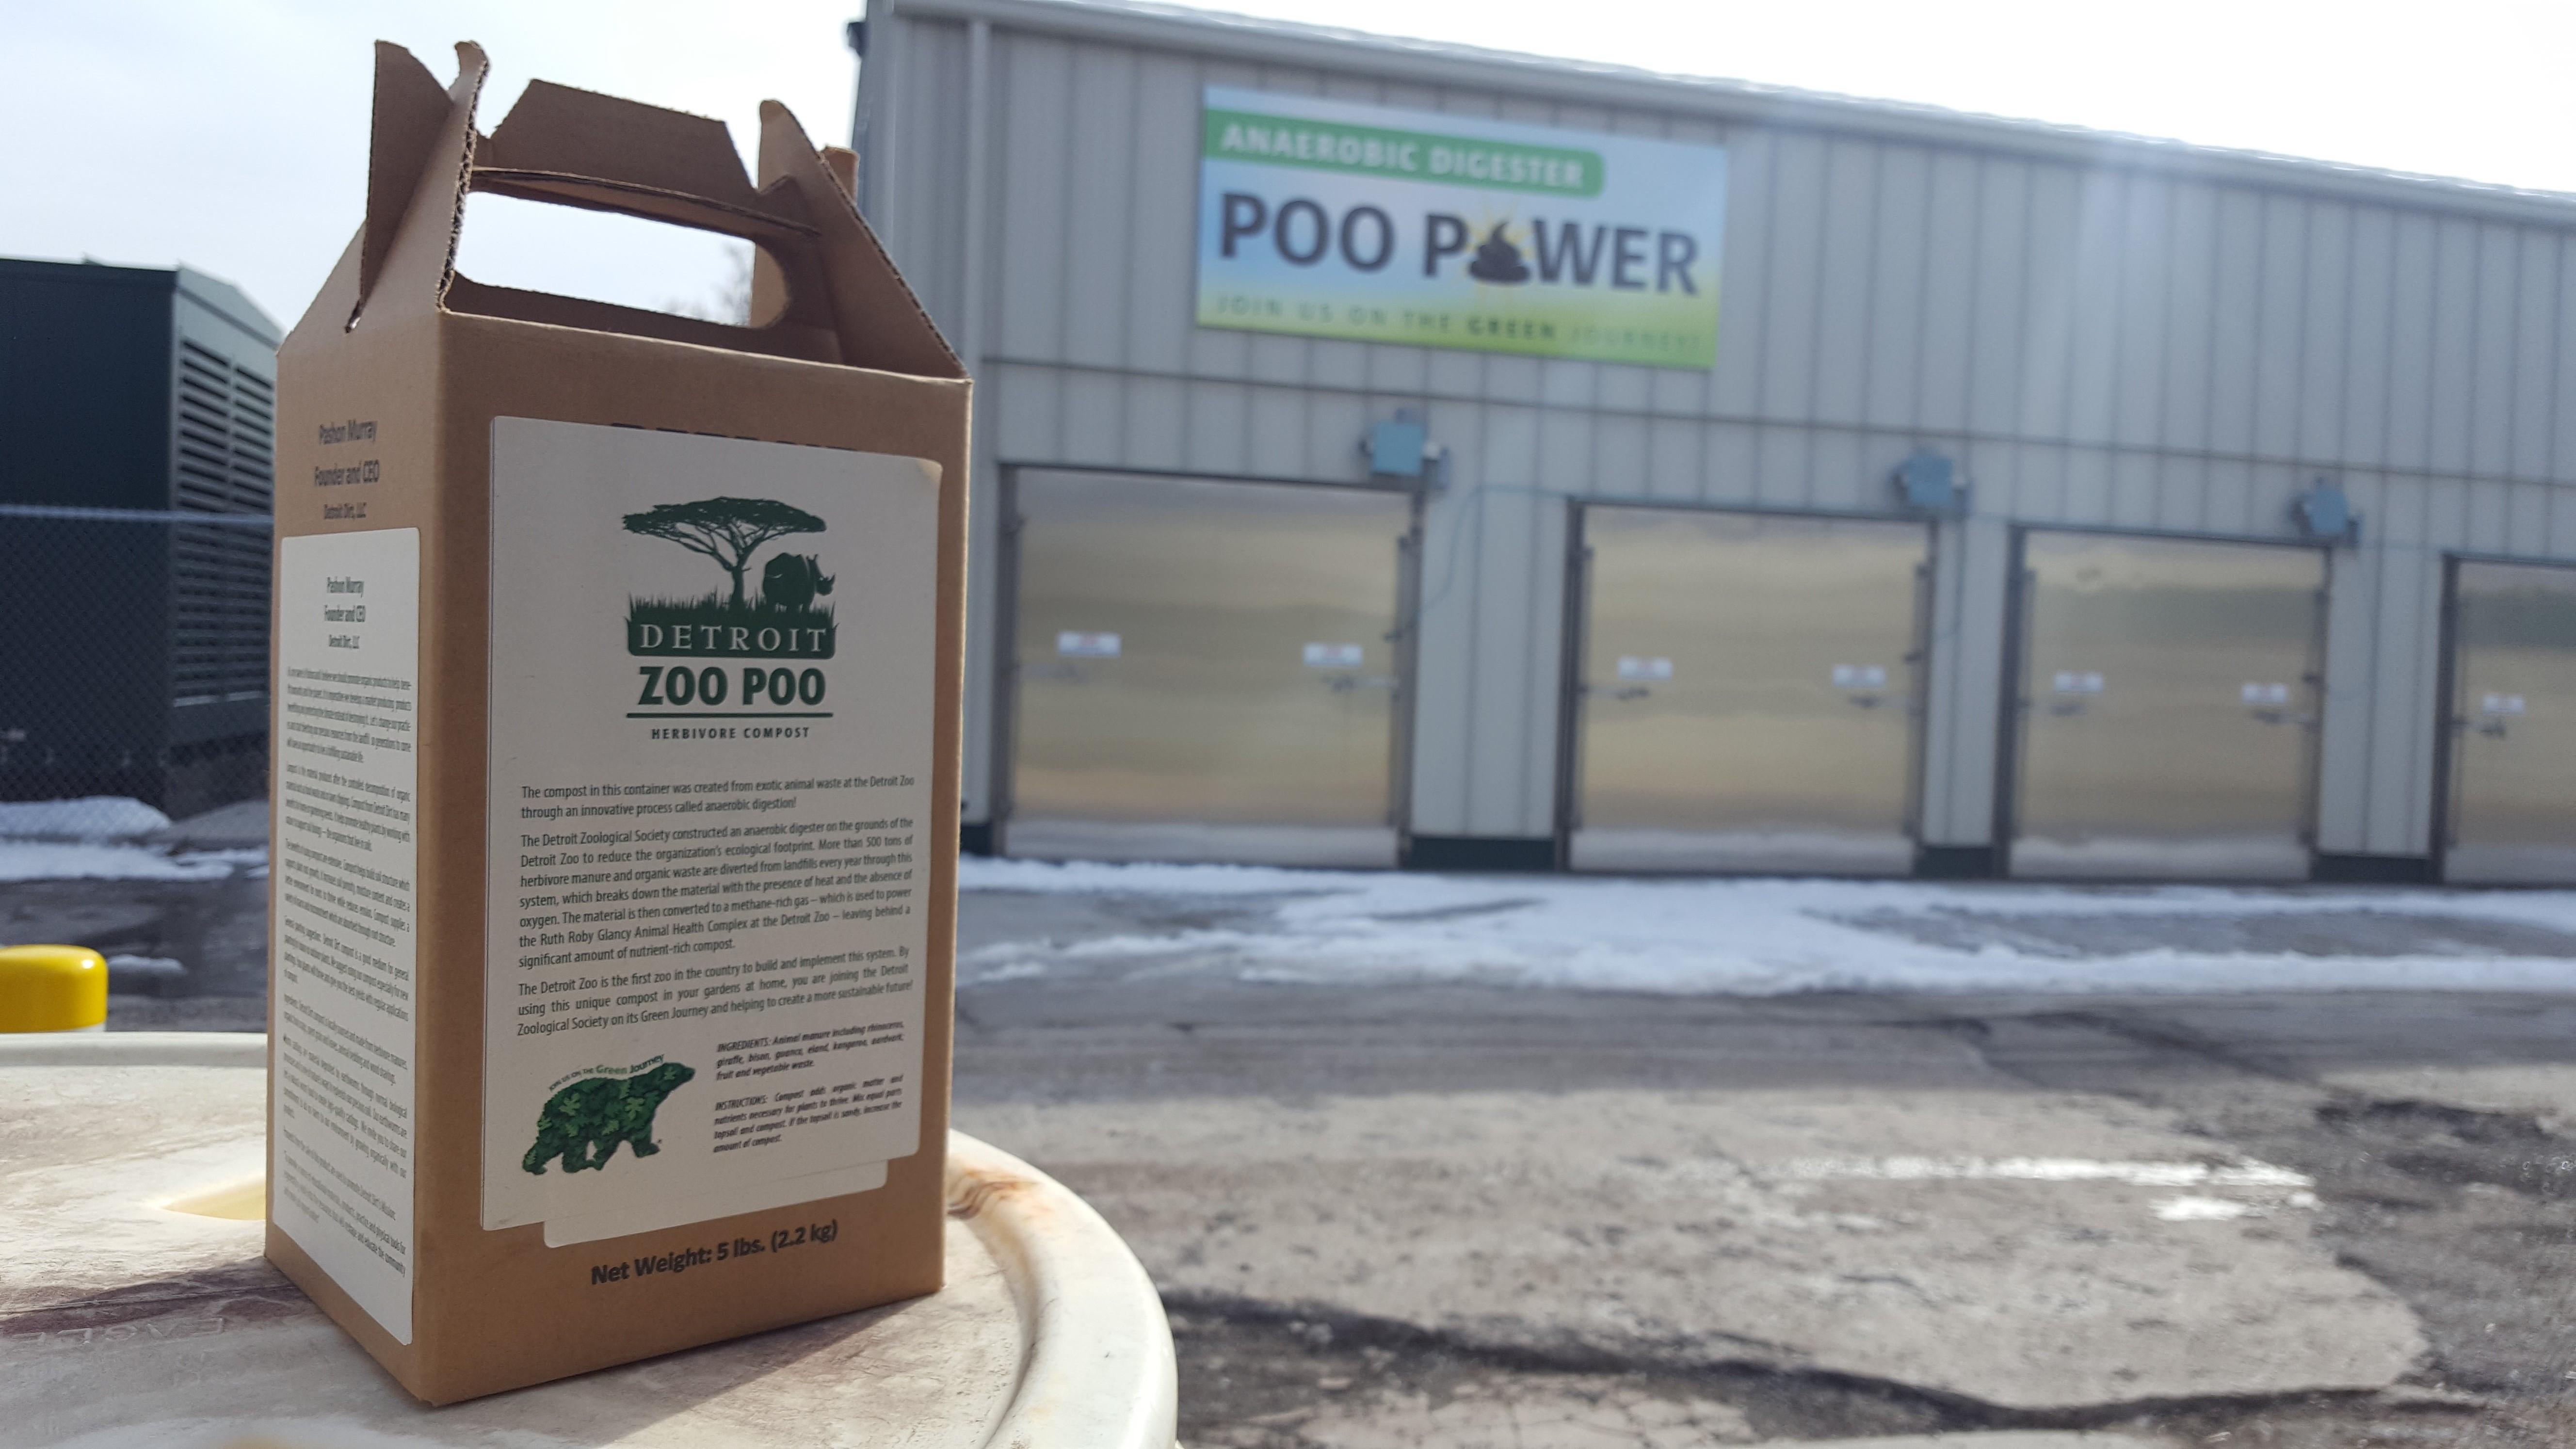 Zoo Poo - Anaerobic Digester - Jake Rapanotti